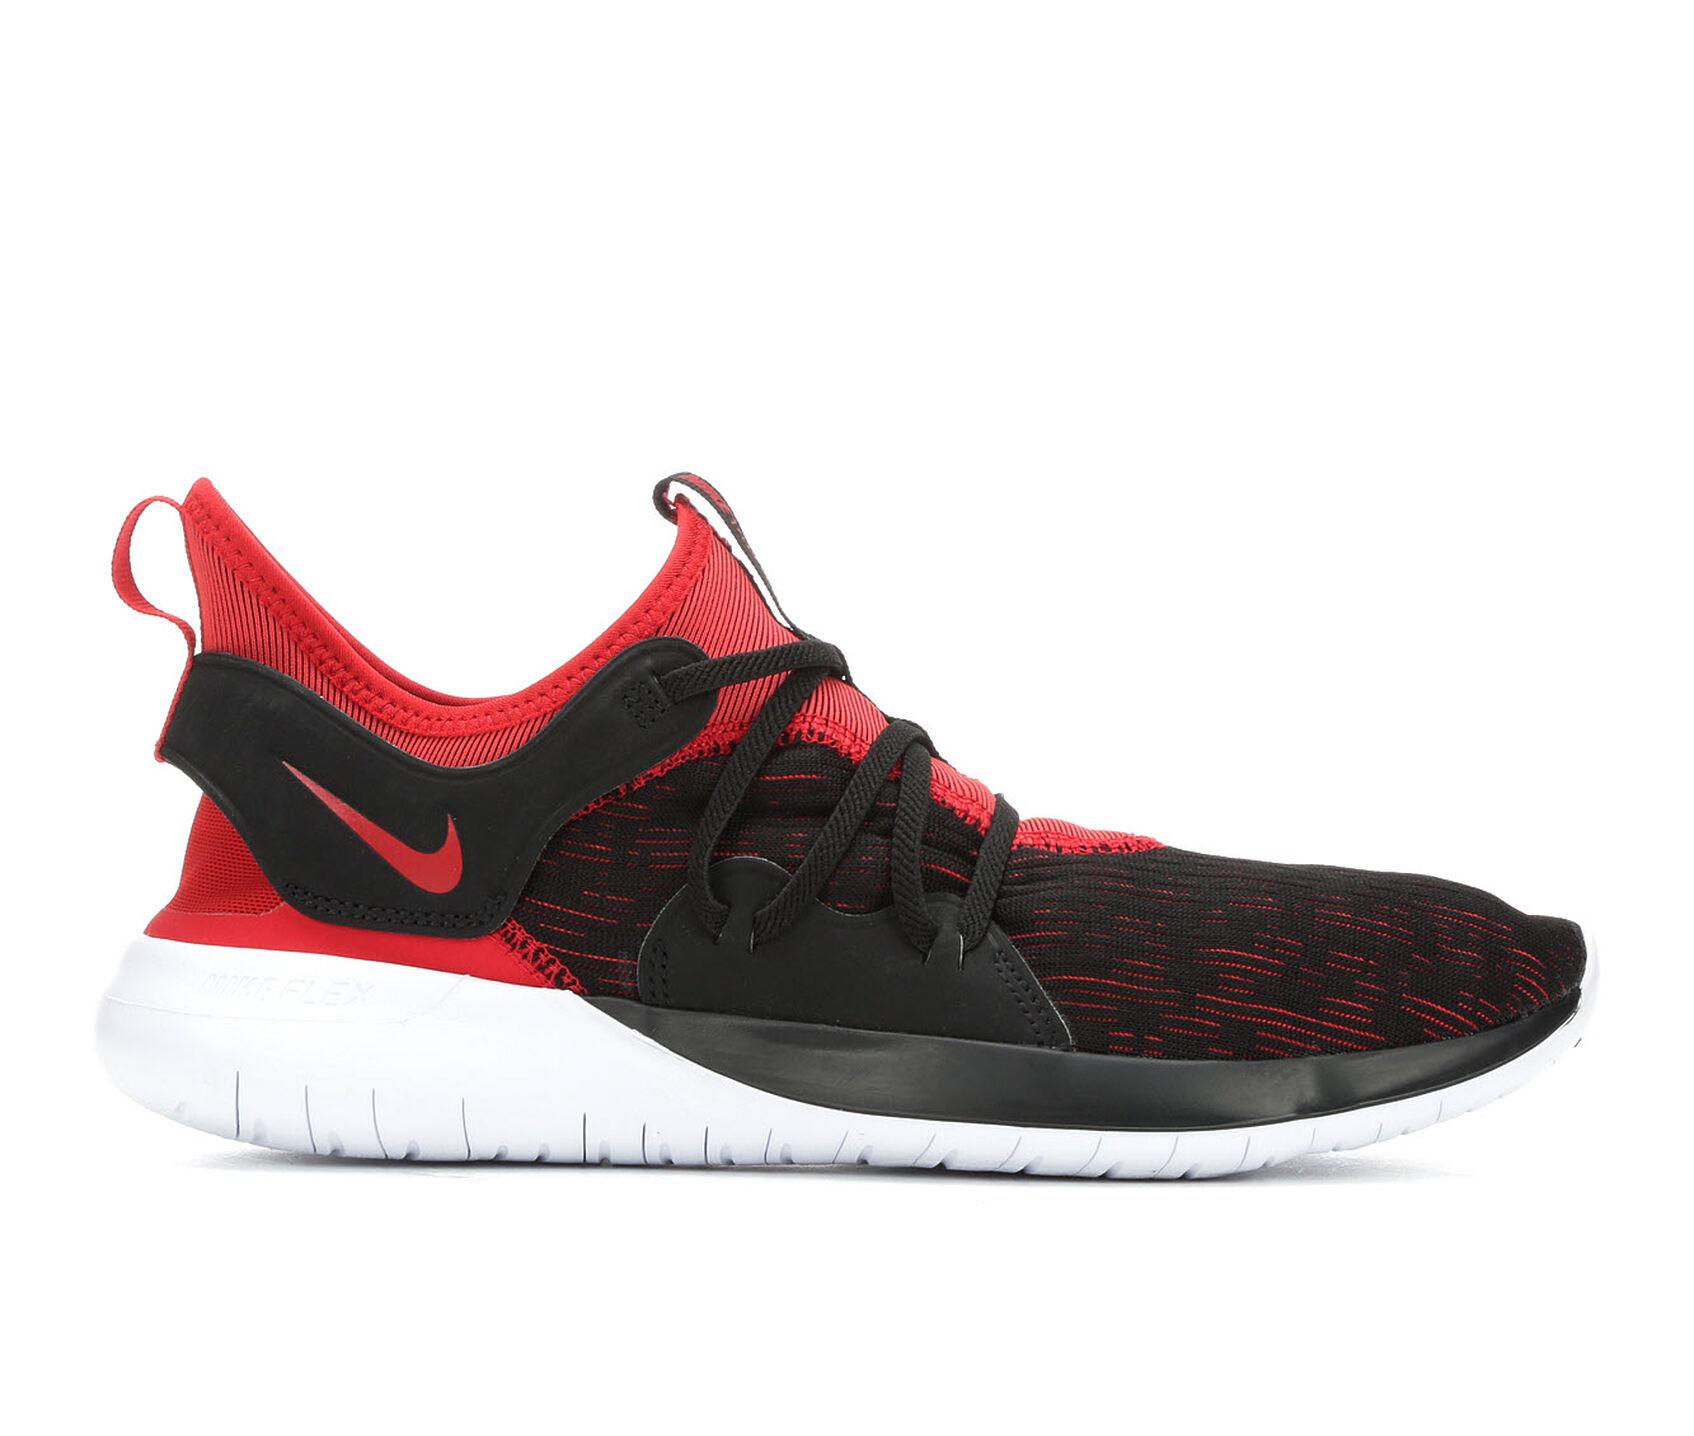 bff85945e973a Men's Nike Flex Contact 3 Running Shoes | Shoe Carnival